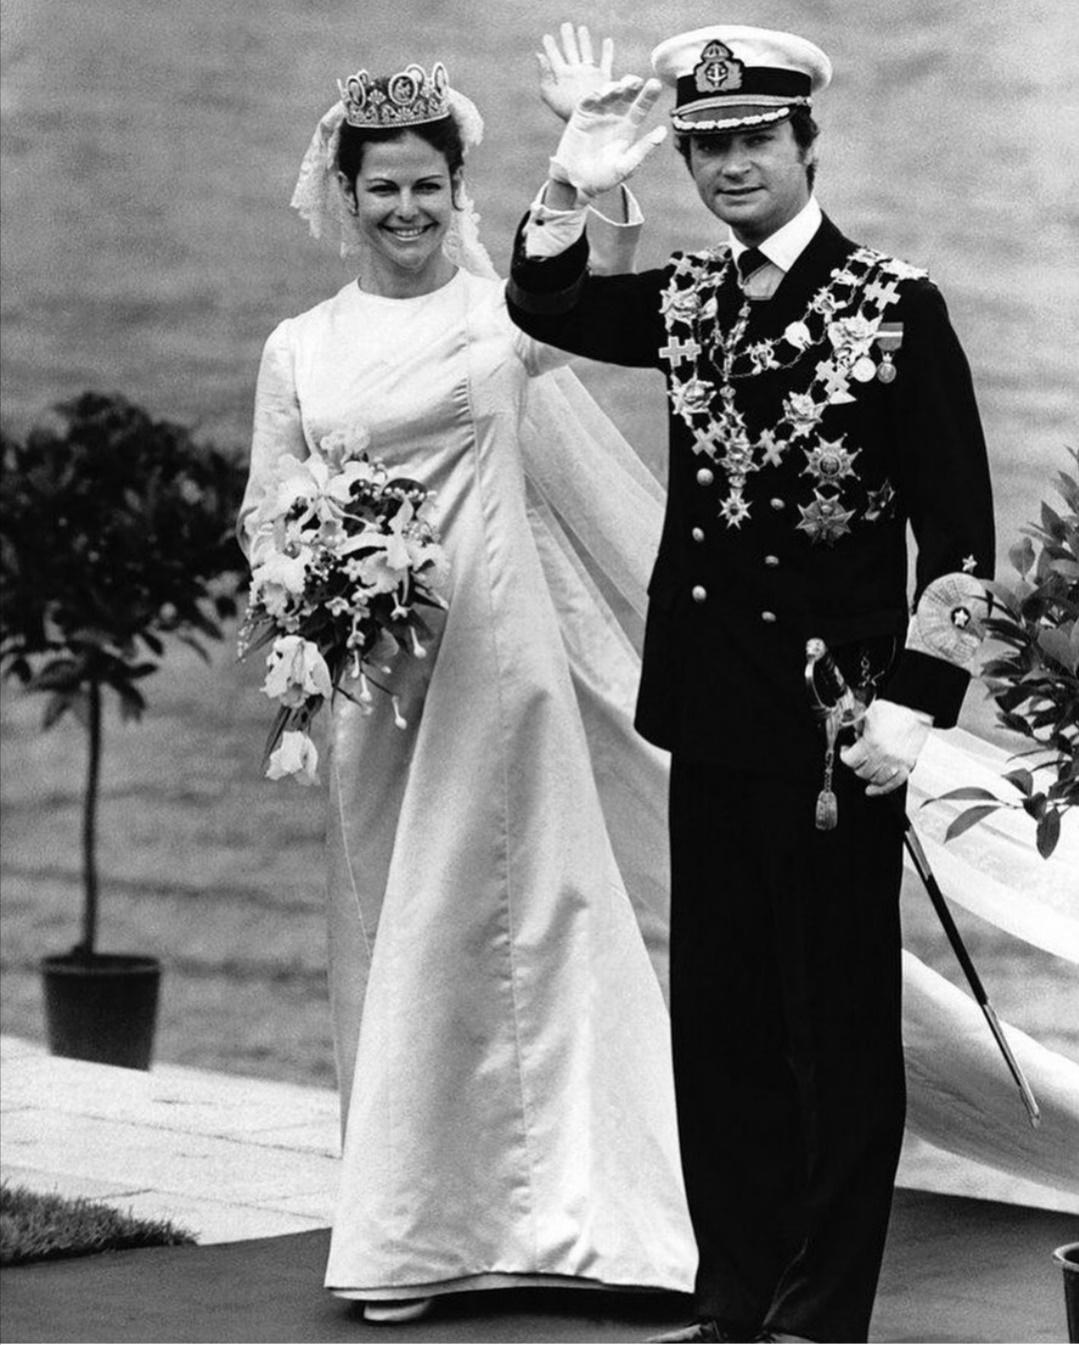 الملك كارل السادس عشر غوستاف والملكة سيلفيا سومرلاث- الصورة من حساب Eugenia garavani على إنستغرام